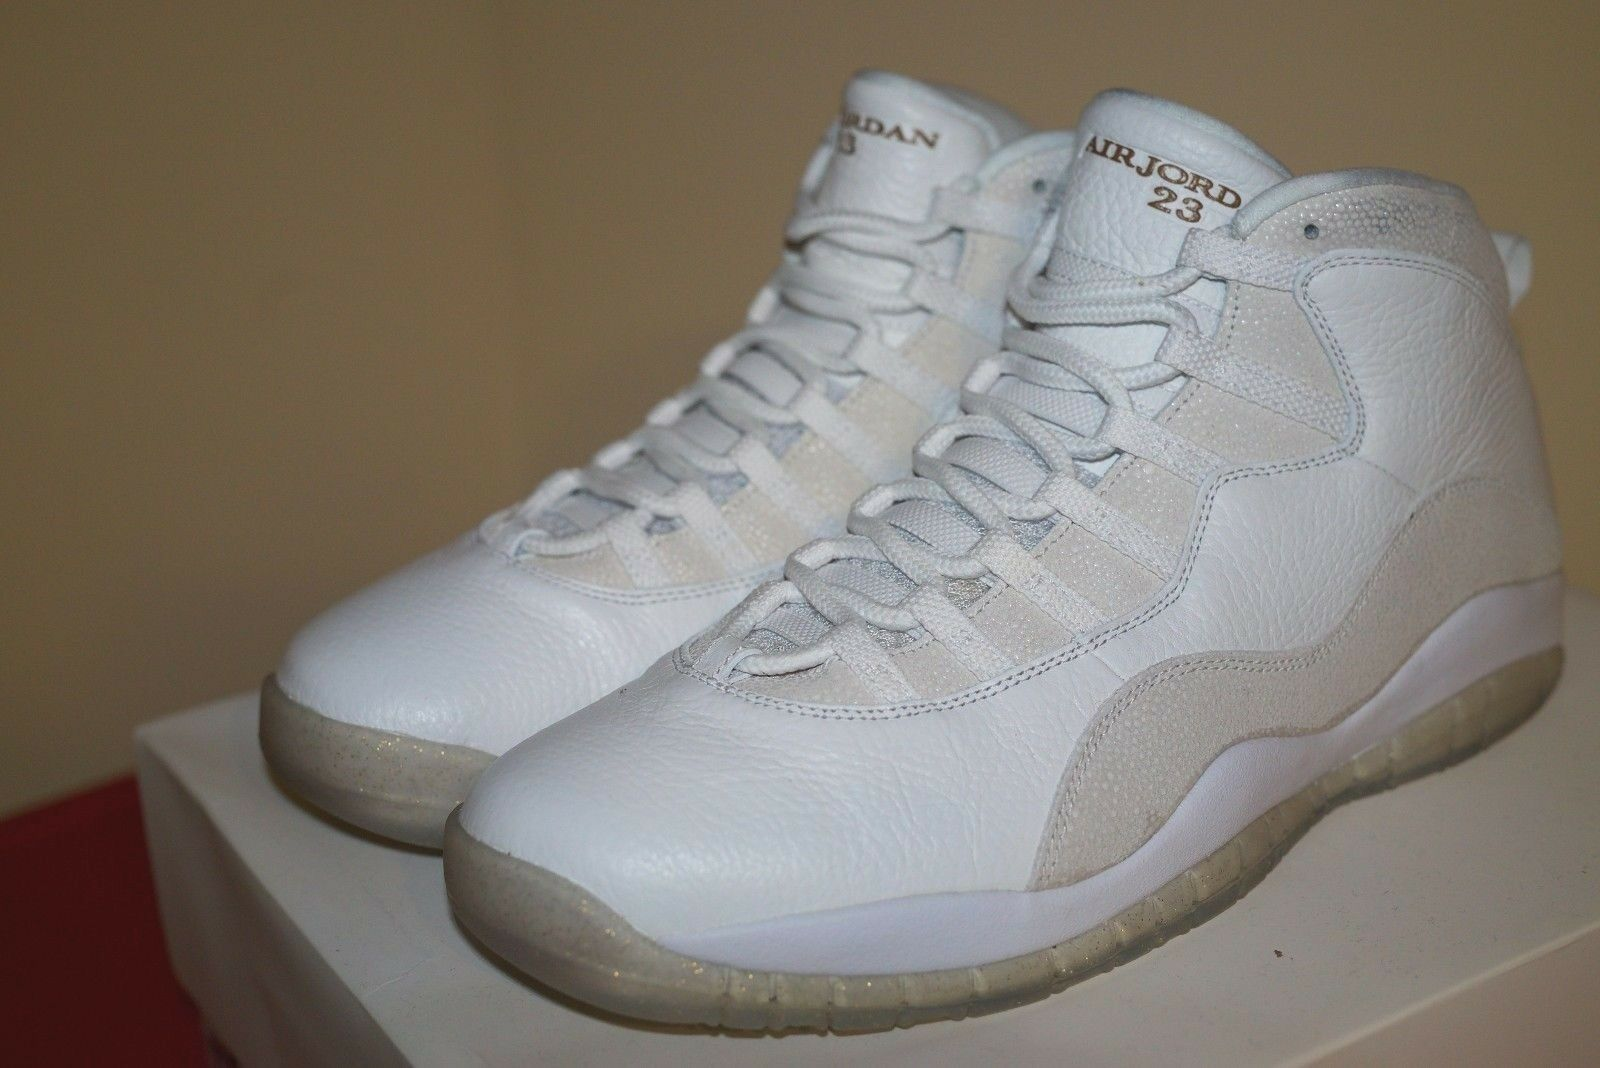 Air Jordan Retro X OVO White Size 13